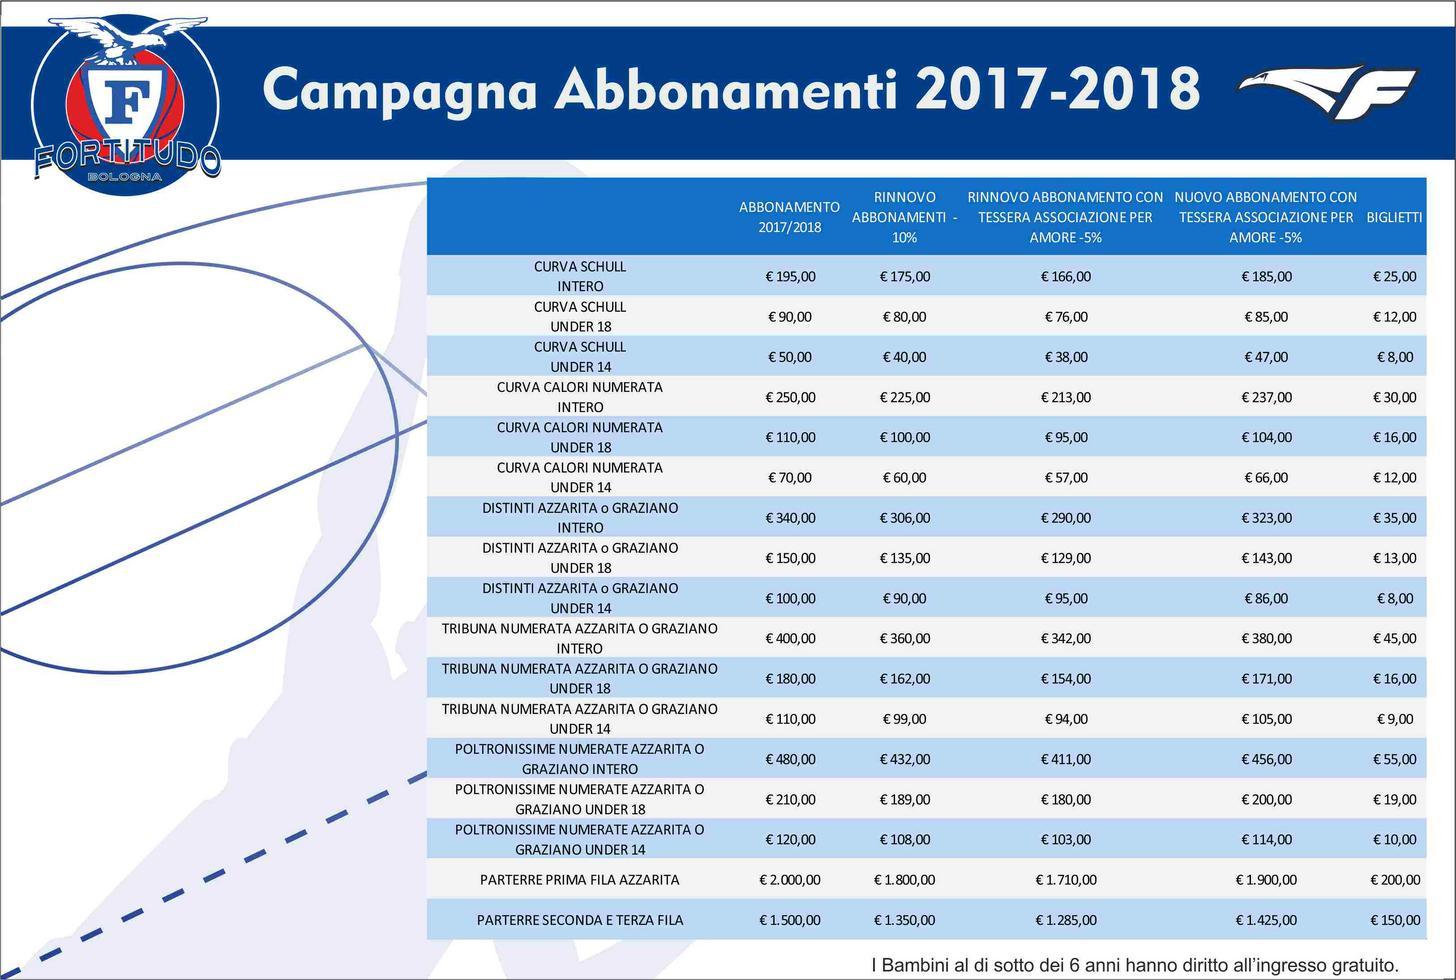 Fortitudo, ecco data del raduno e info sulla campagna abbonamenti -28 Lug